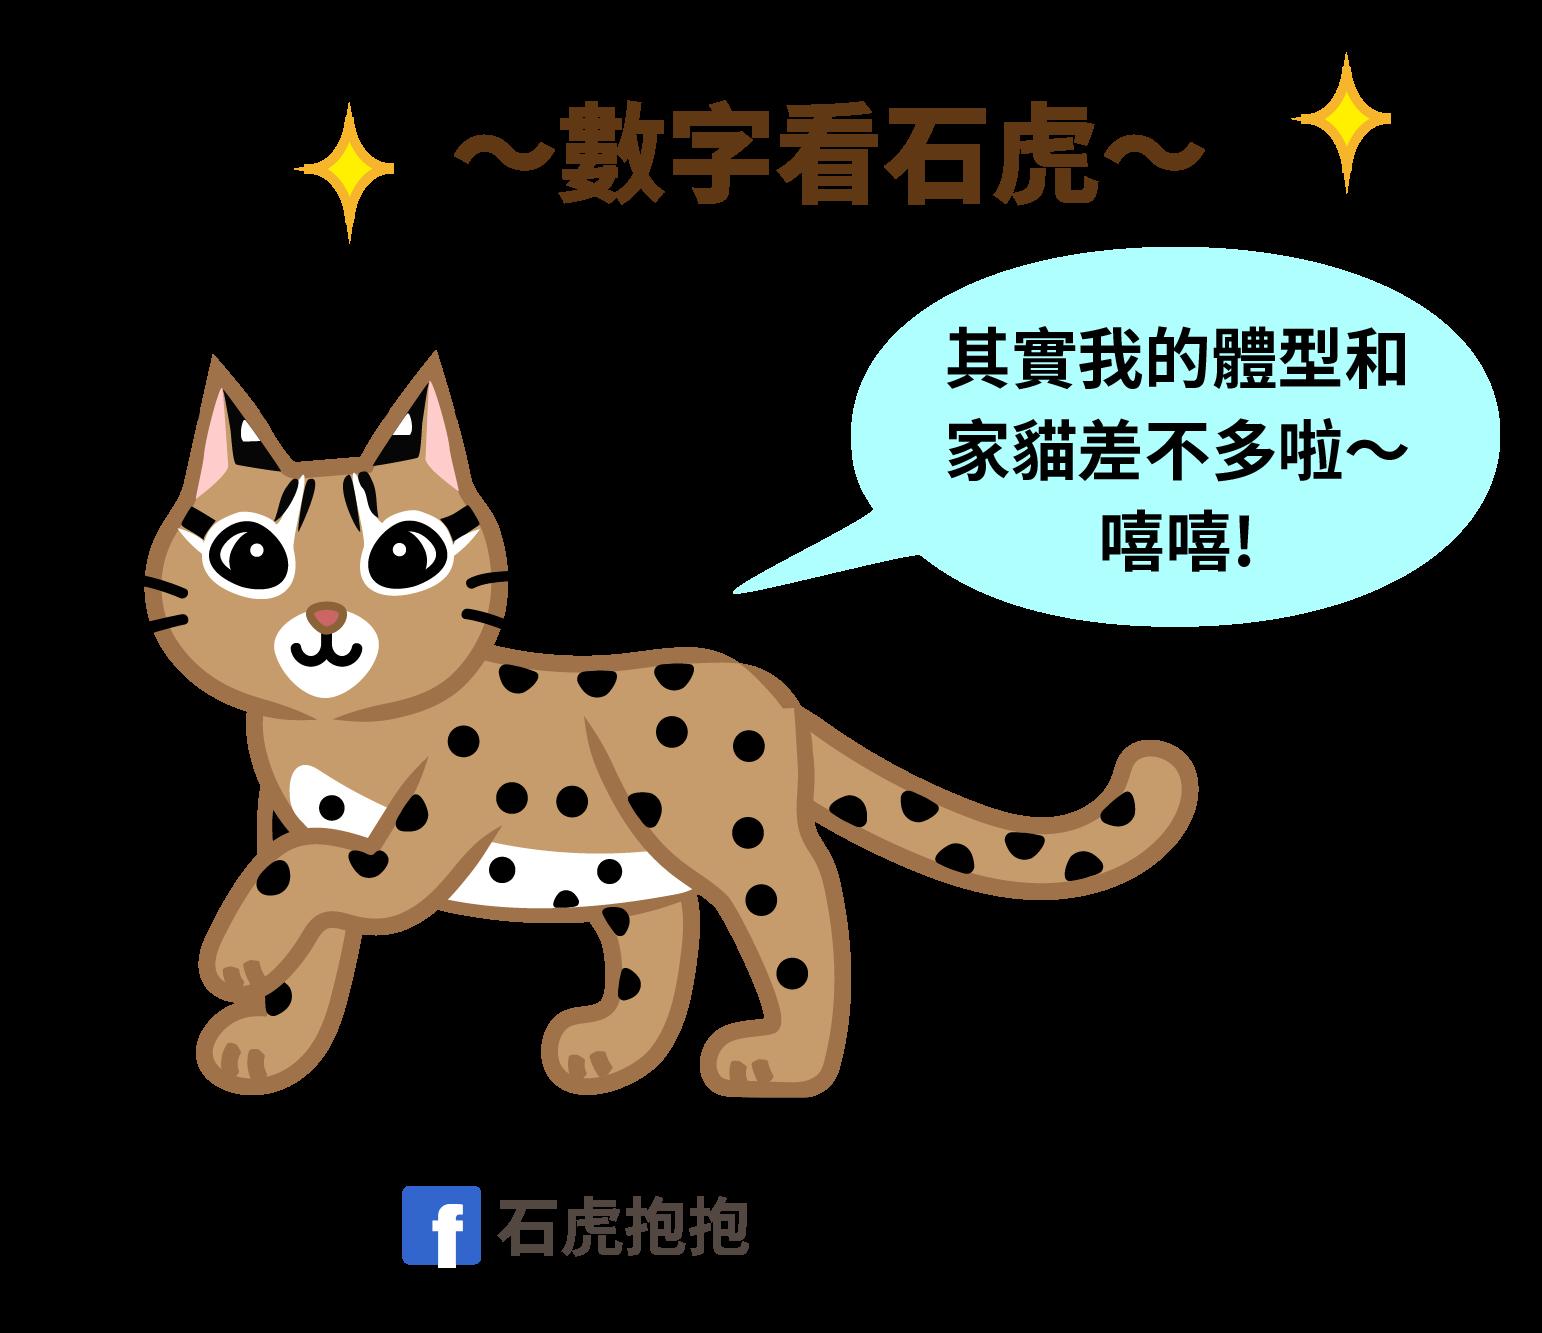 [石虎]石虎小學堂1.2.3 - 石虎抱抱 Hug Taiwan Leopard Cat